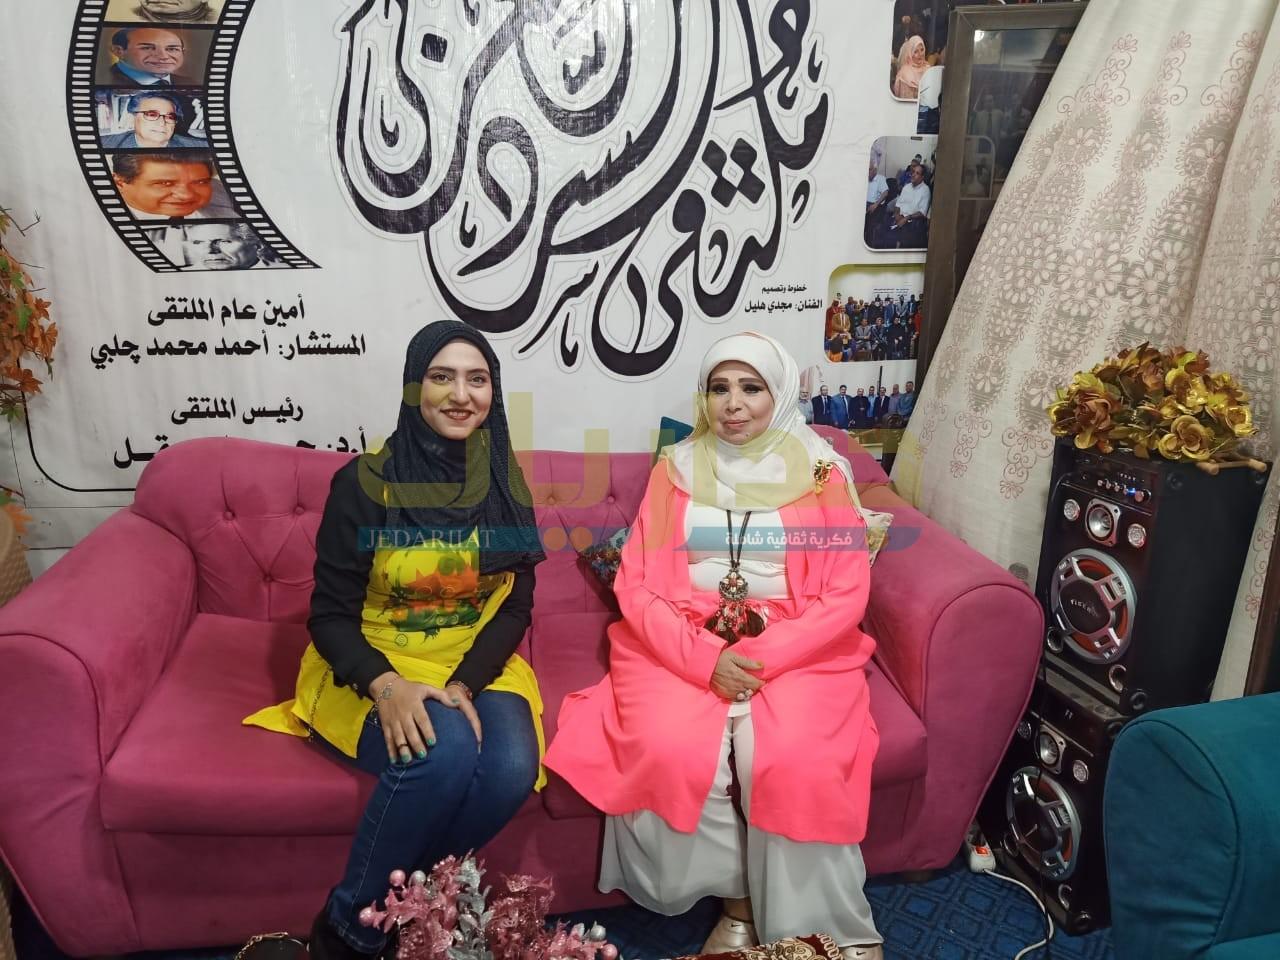 شيماء عمارة ومديحة حمدي